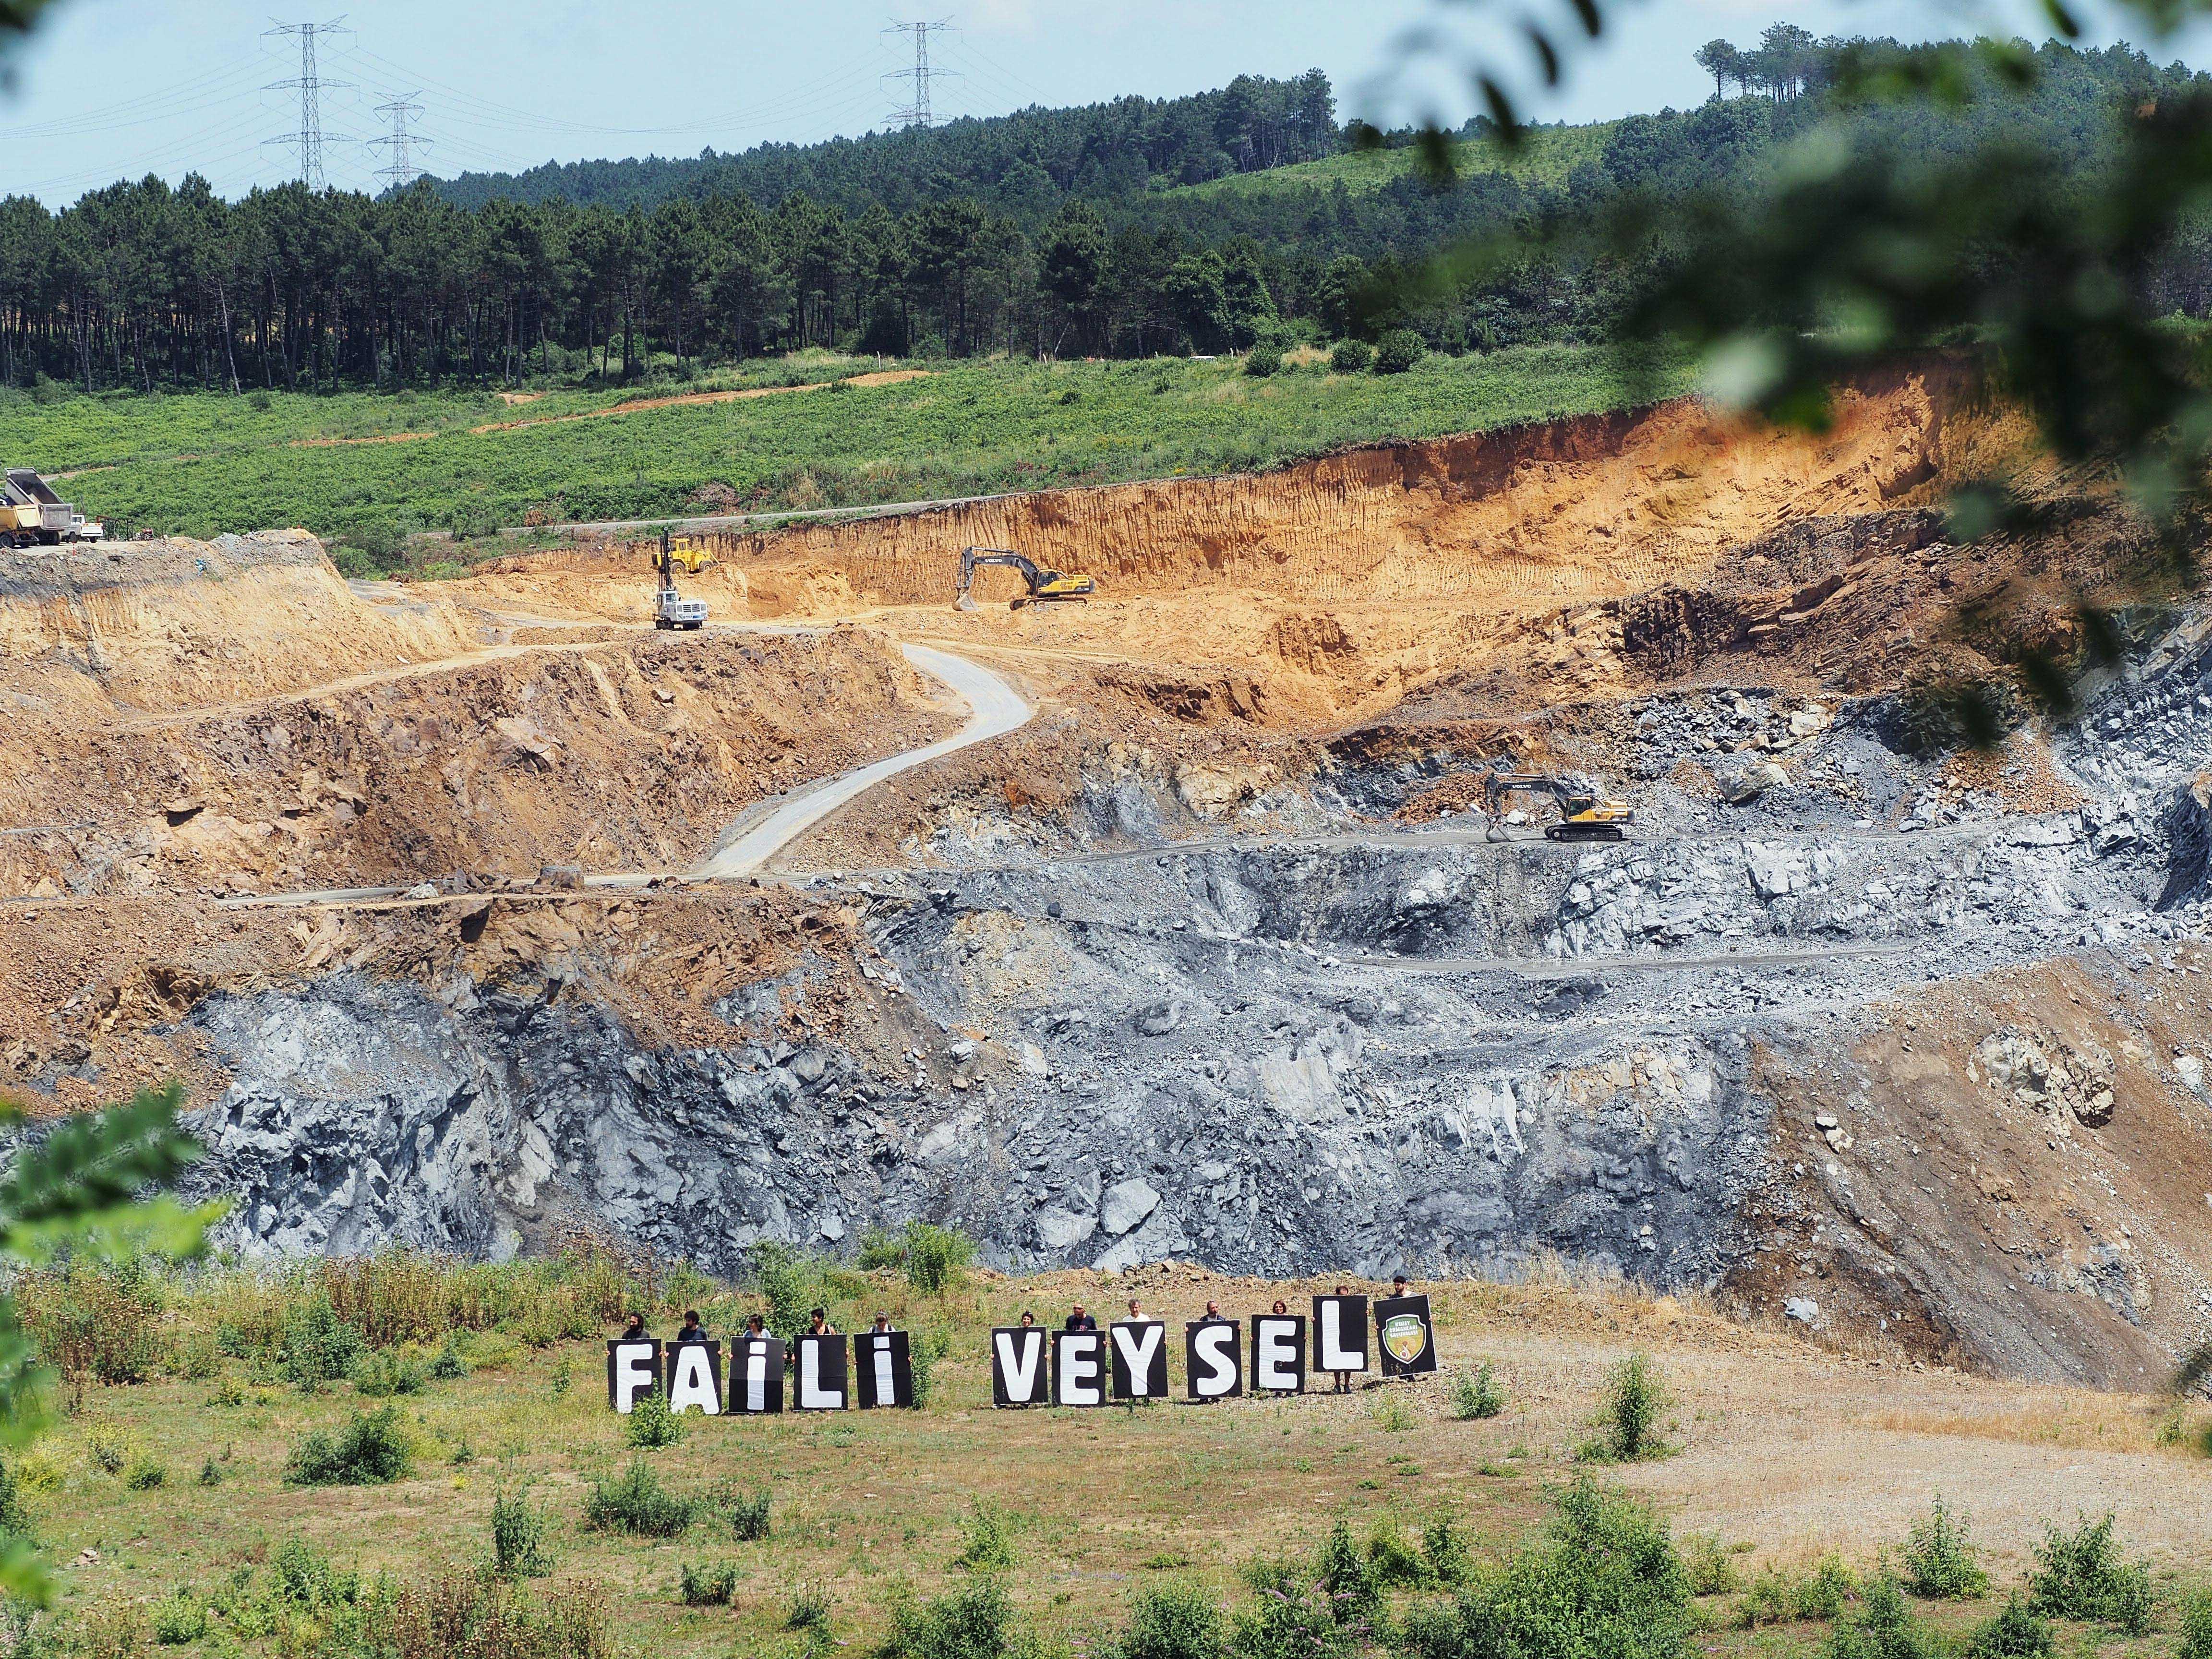 Dünya Çevre Günü'nde KOS'tan çevre katliamının faillerine mesaj